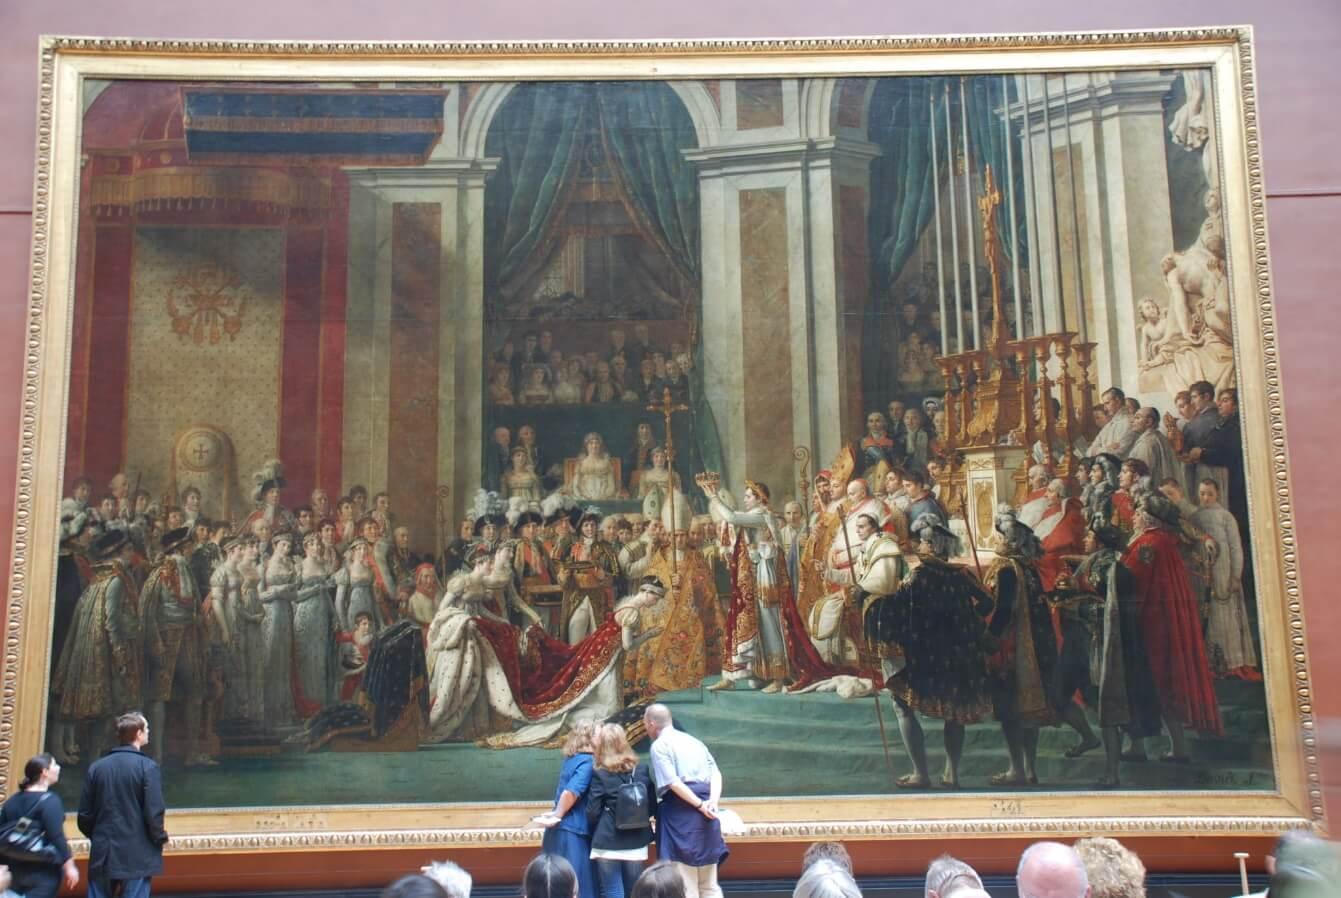 تابلوی نقاشی تاج گذاری امپراتور ناپلئون در کلیسای نوتردام در دسامبر 1804